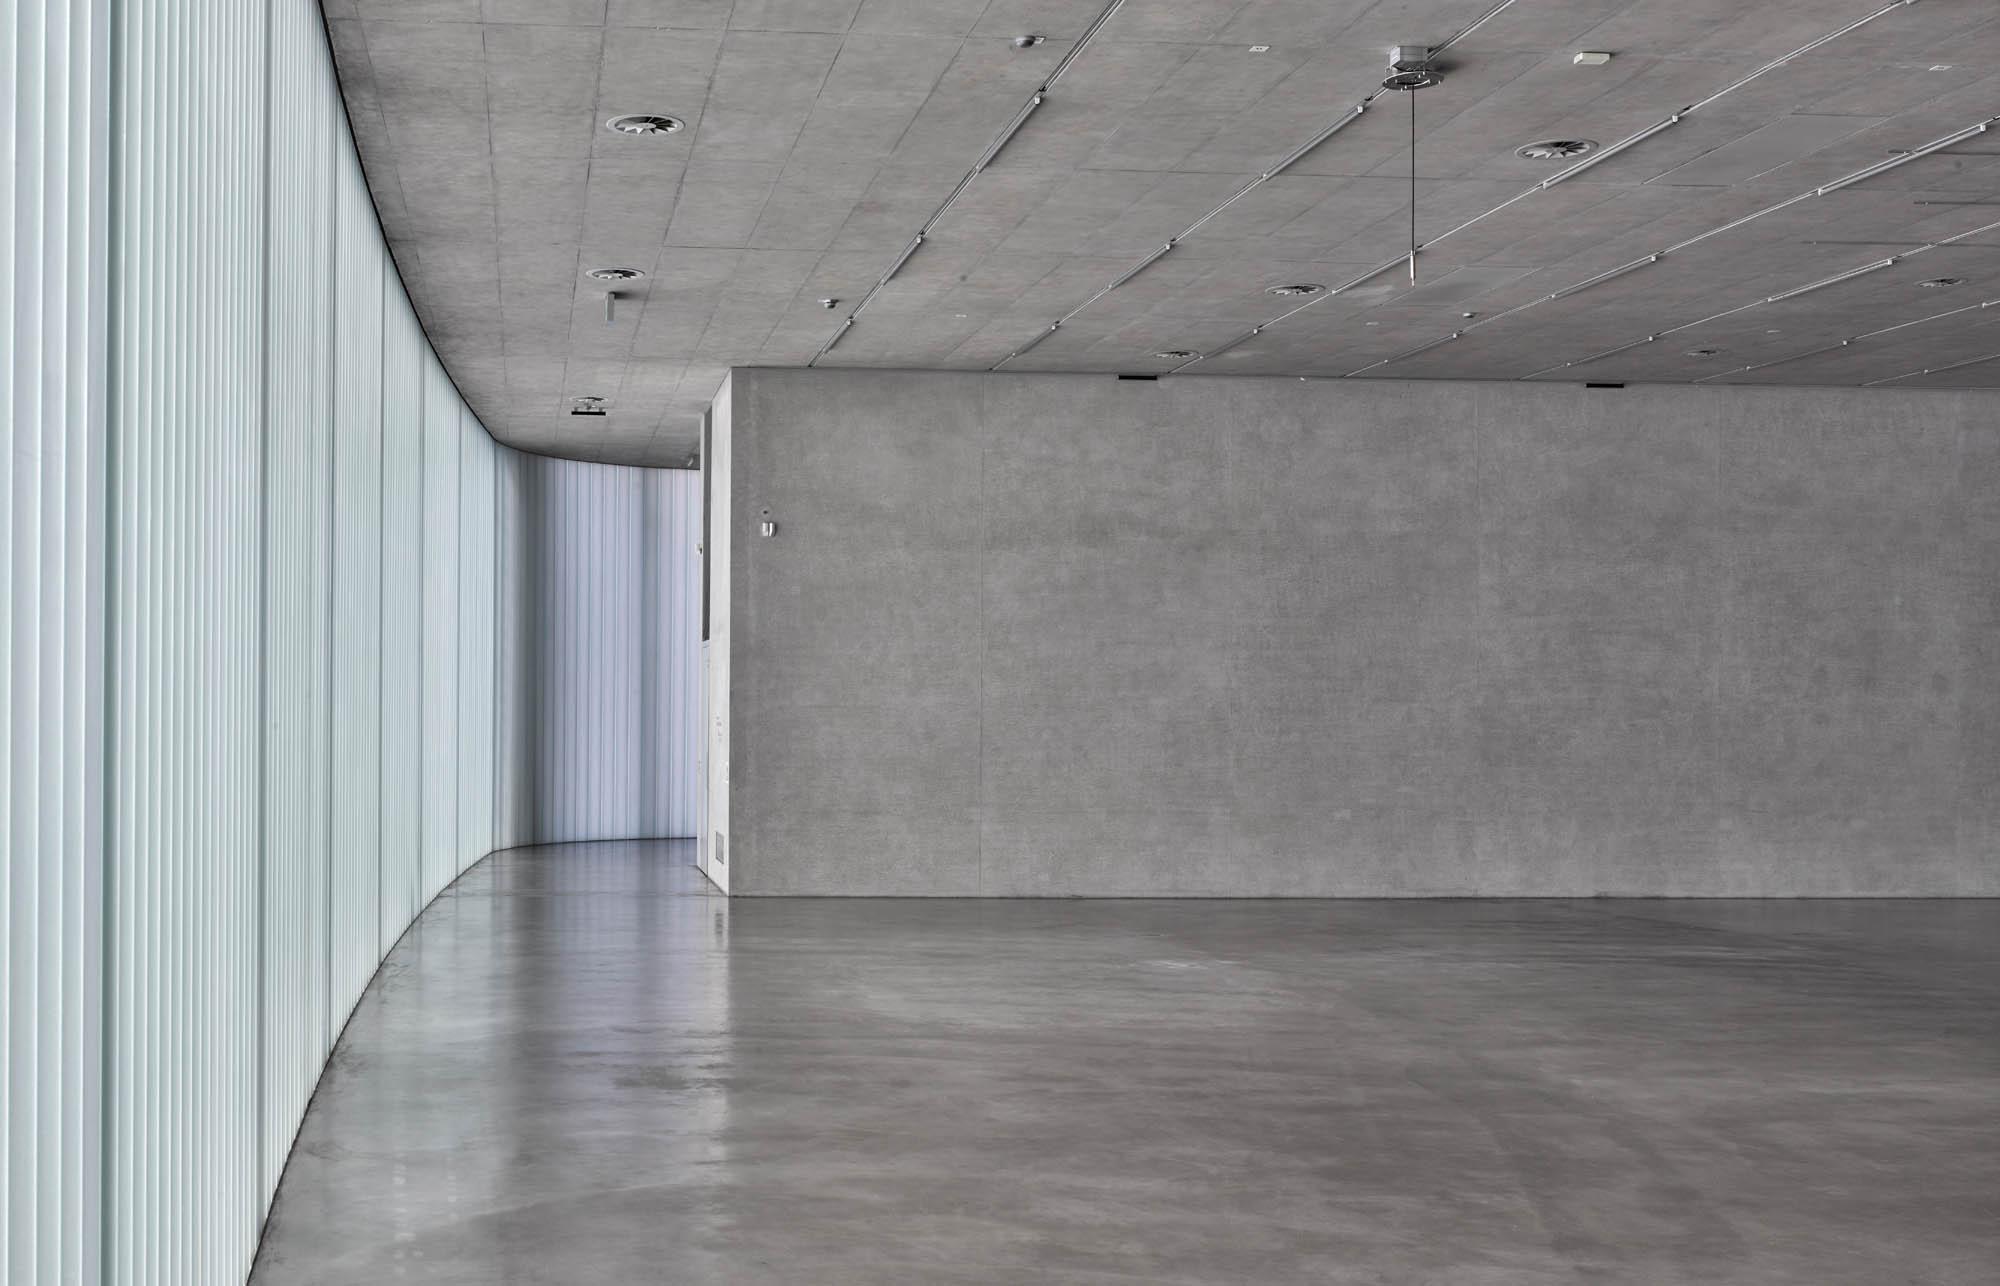 OPC 160908 0057 - Galerie Stihl Waiblingen: Ablichtung der Ausstellungshalle